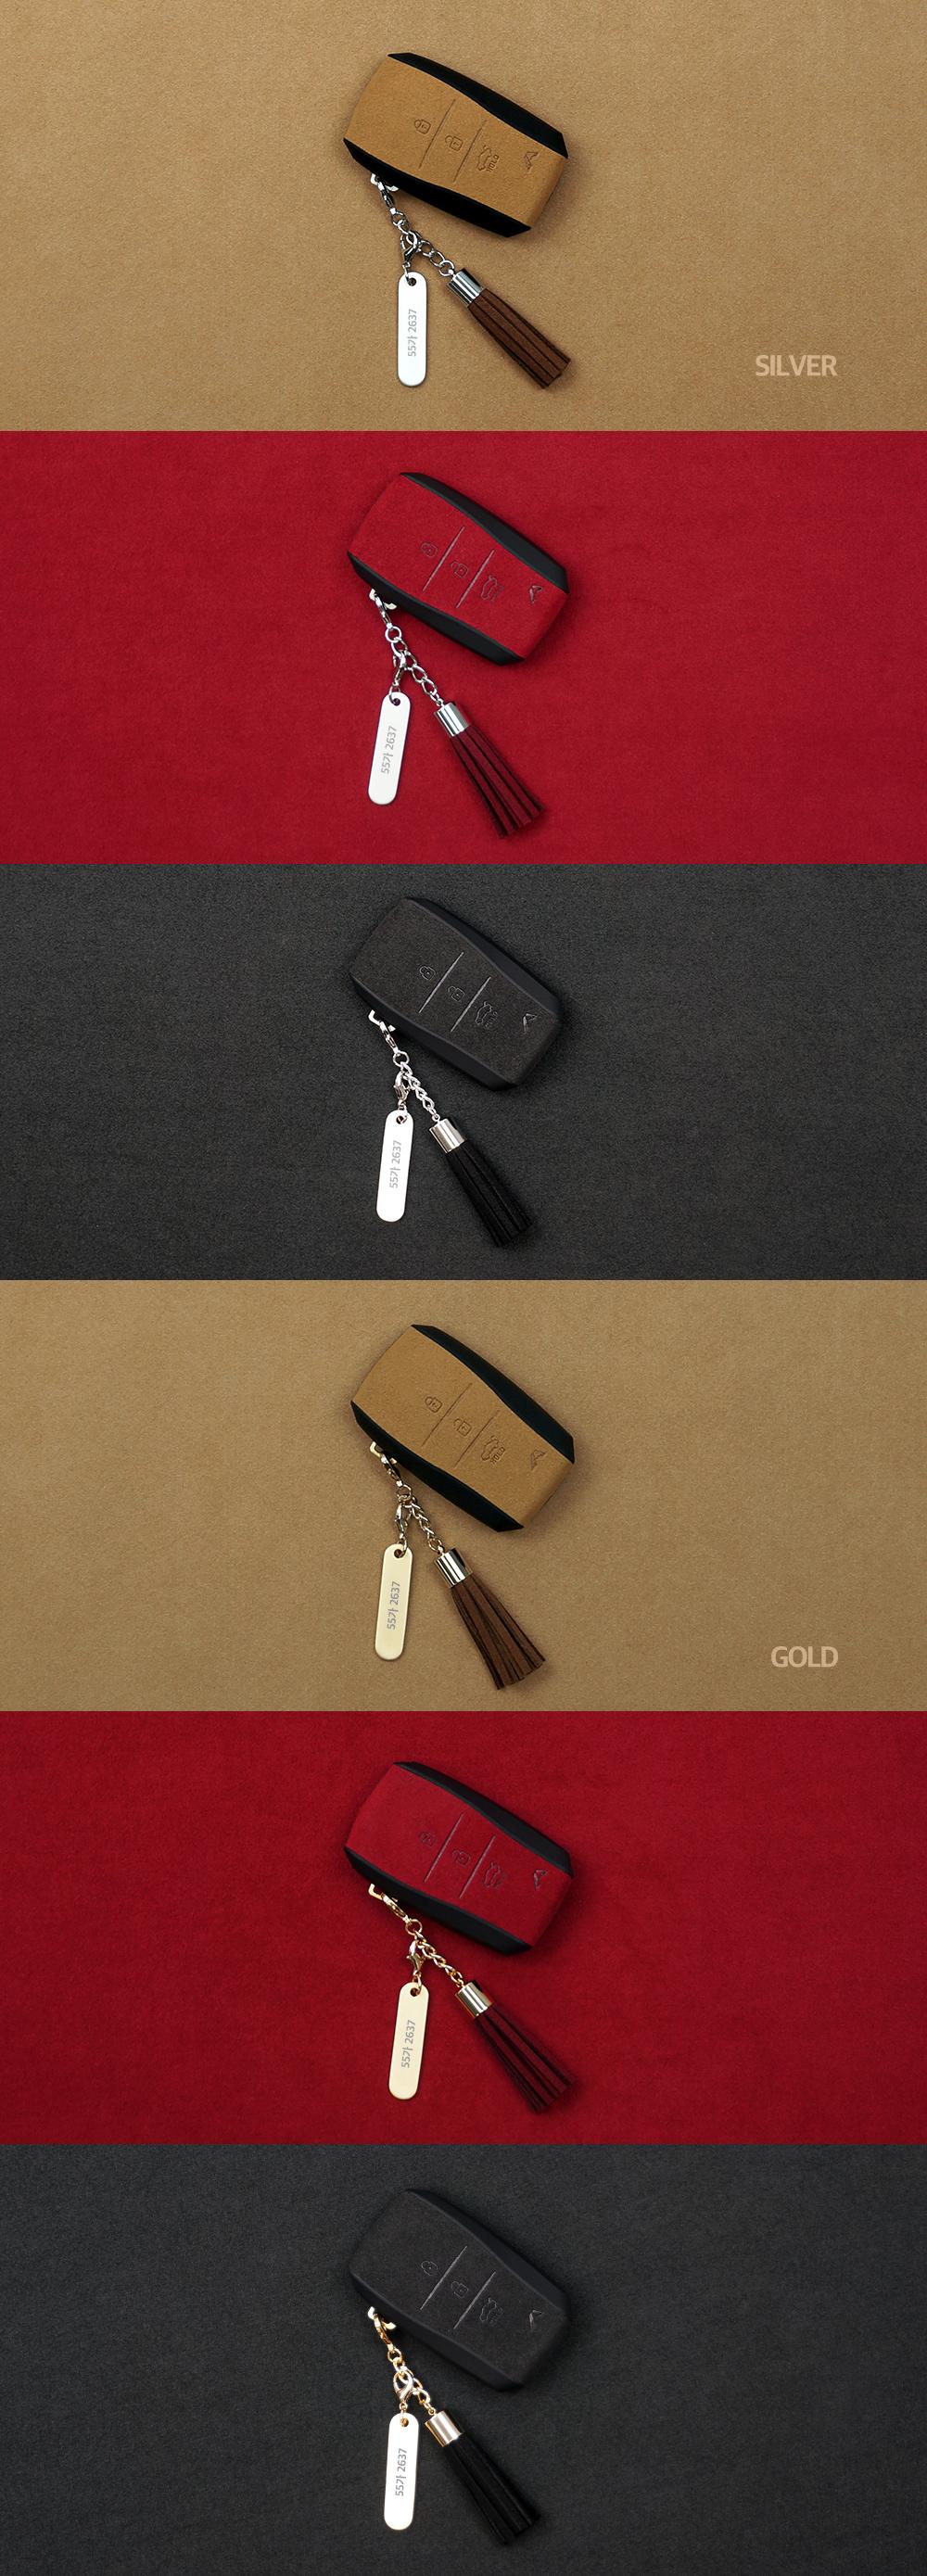 에어로s 자동차키홀더 베라크루즈 스마트키케이스 - 이지스, 32,000원, 카인테리어, 키홀더/키케이스